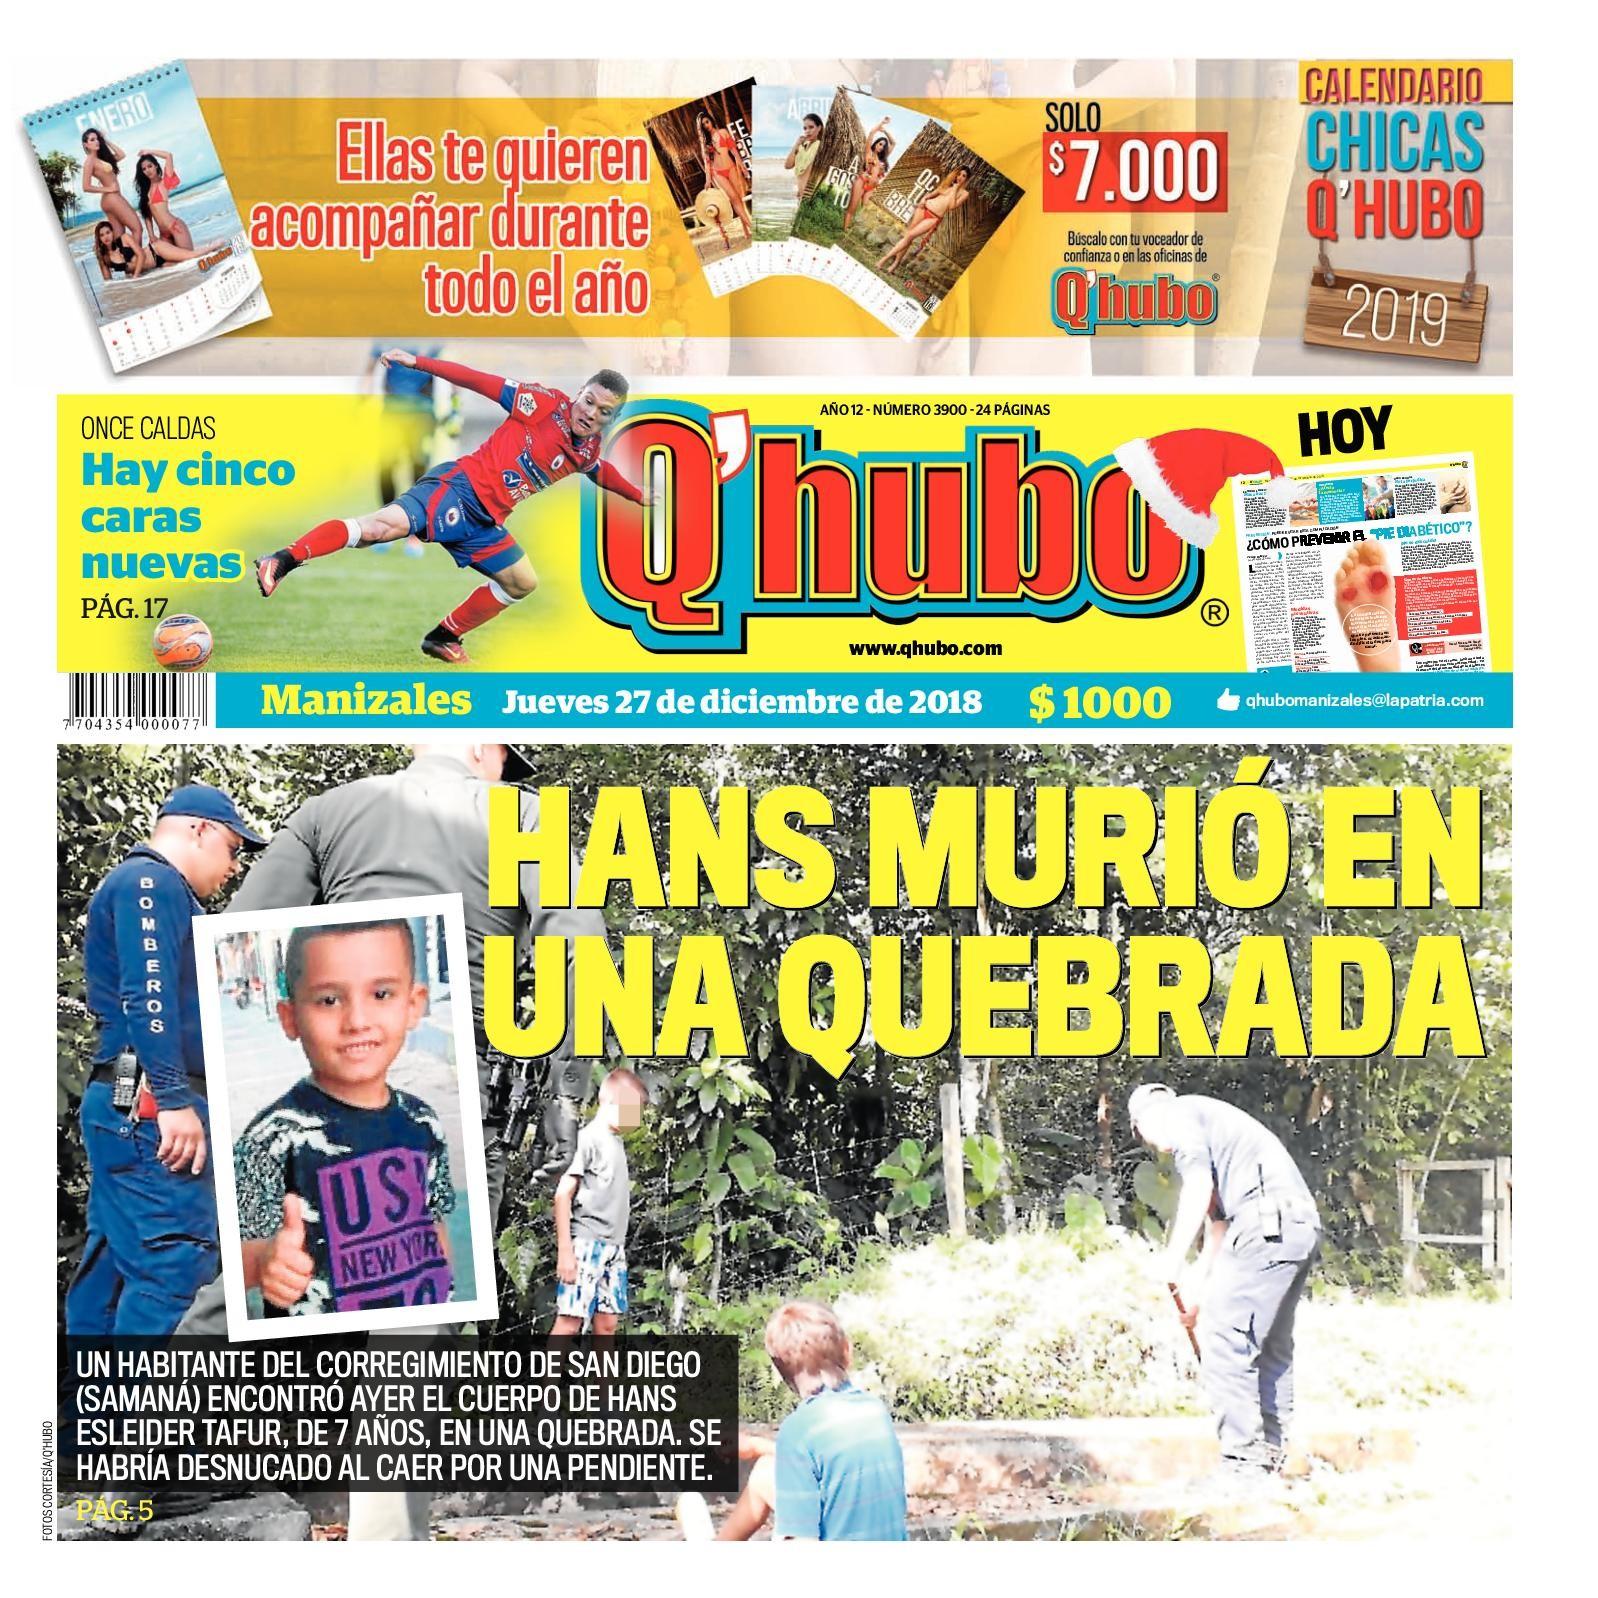 Calendario 2019 Semana Santa Paraguay Más Recientes Calaméo Qa 27 12 18 Of Calendario 2019 Semana Santa Paraguay Recientes Lmb En Crisis Retorno De Bravos De Leon